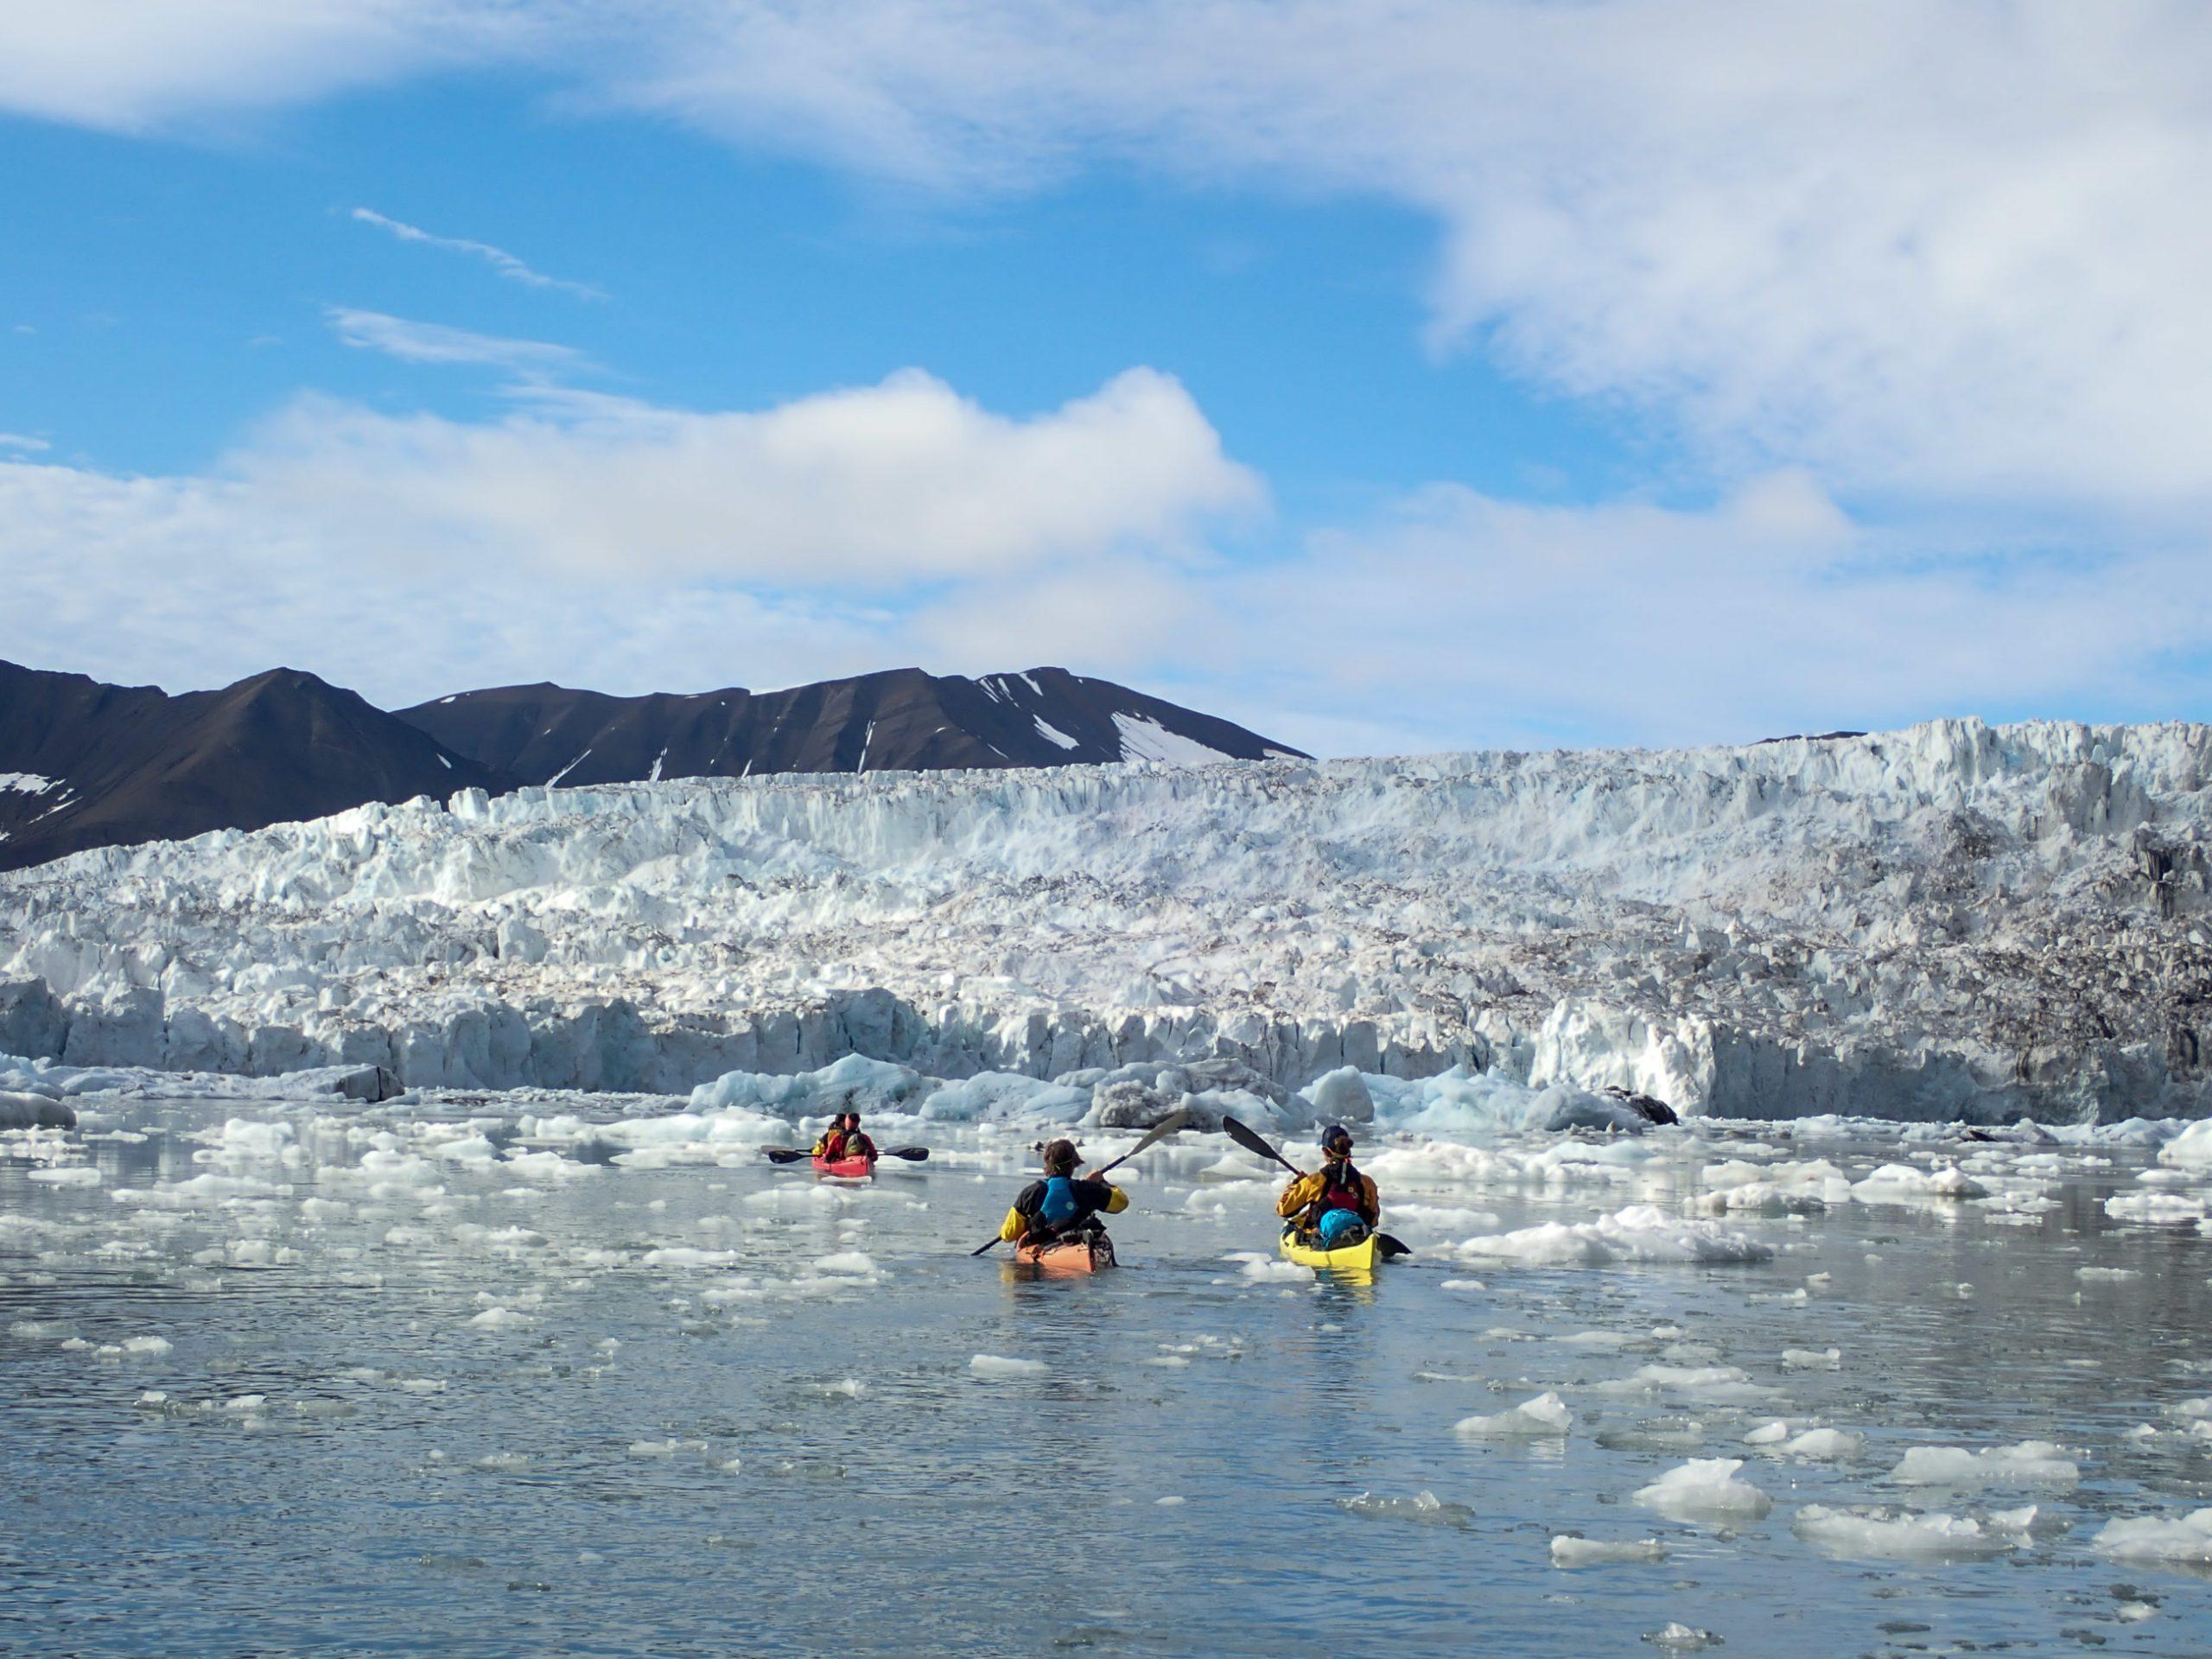 Padleekspedisjoner på Svalbard